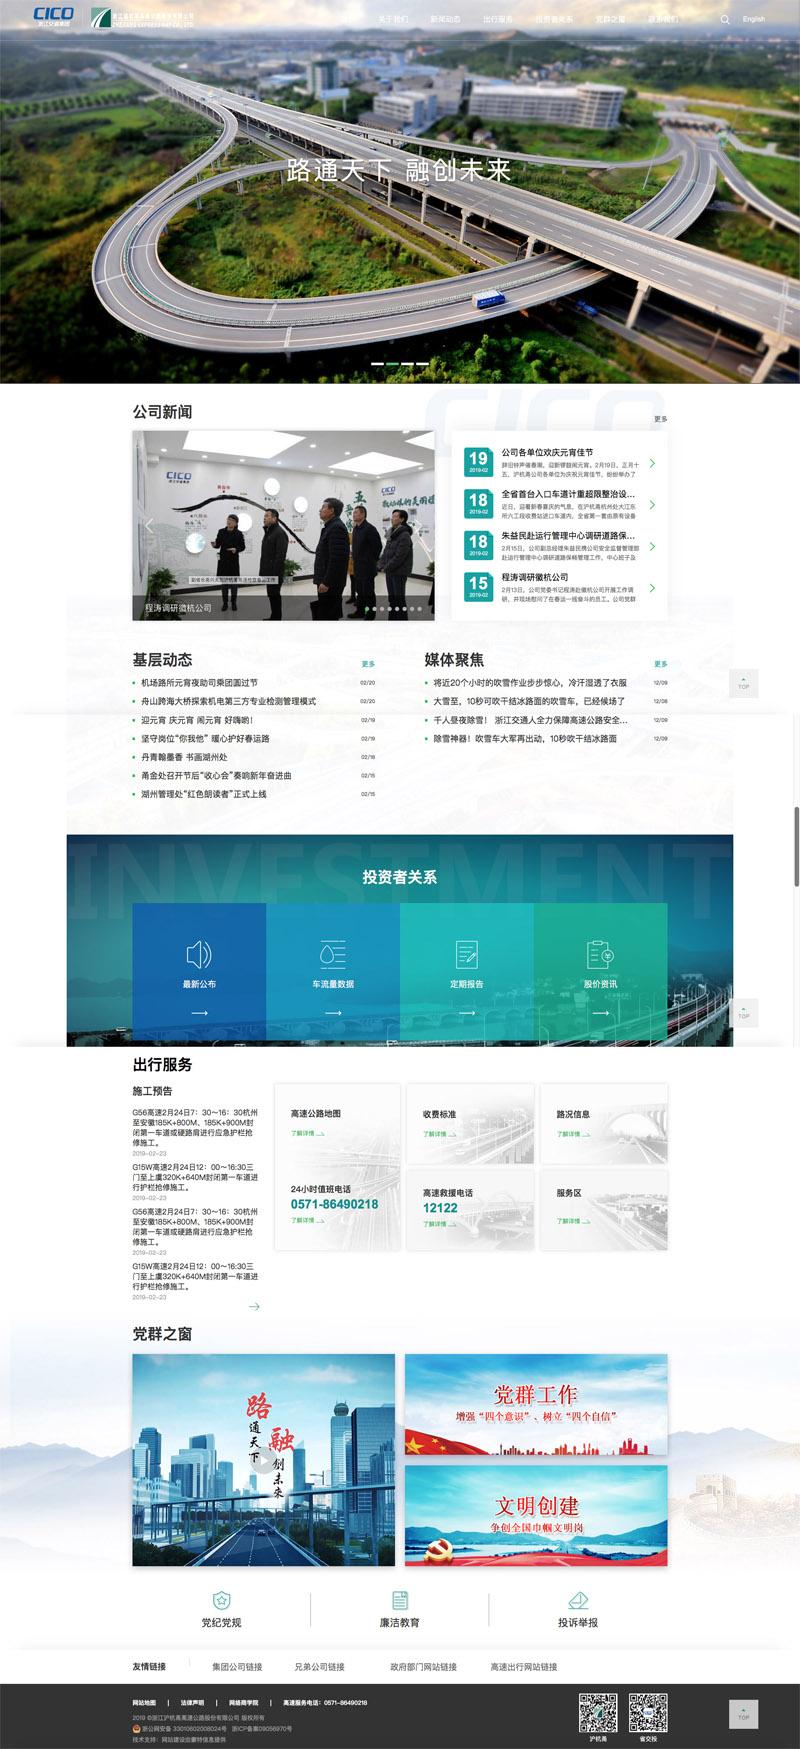 浙江沪杭甬高速公路股份有限公司-杭州盘网网站建设作品